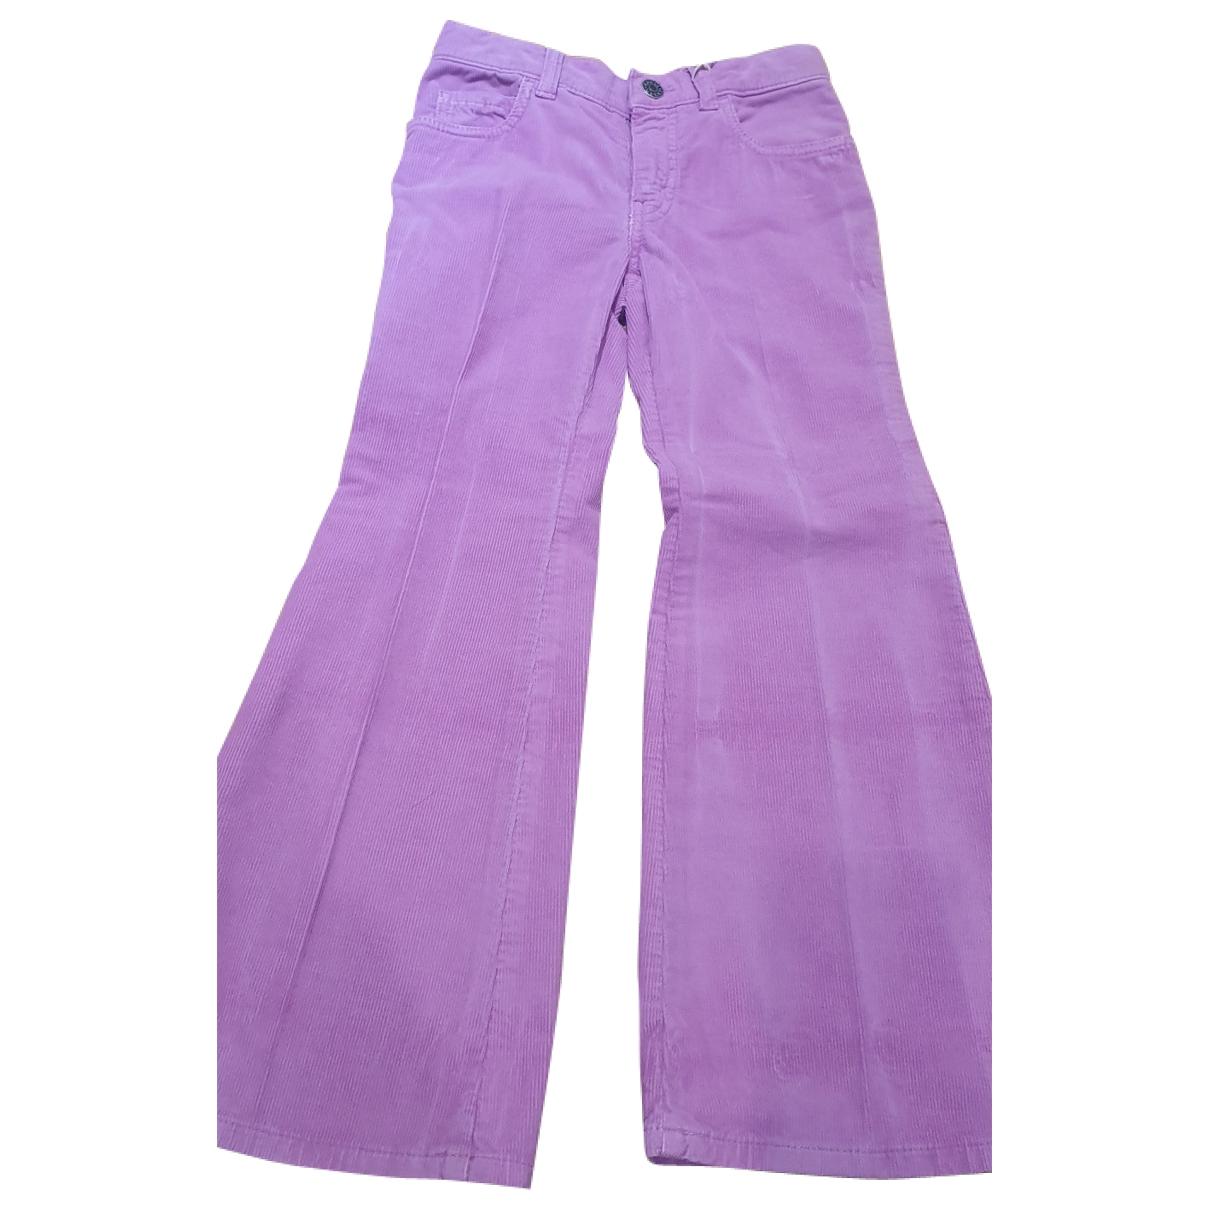 Pantalones en Algodon Multicolor Gucci